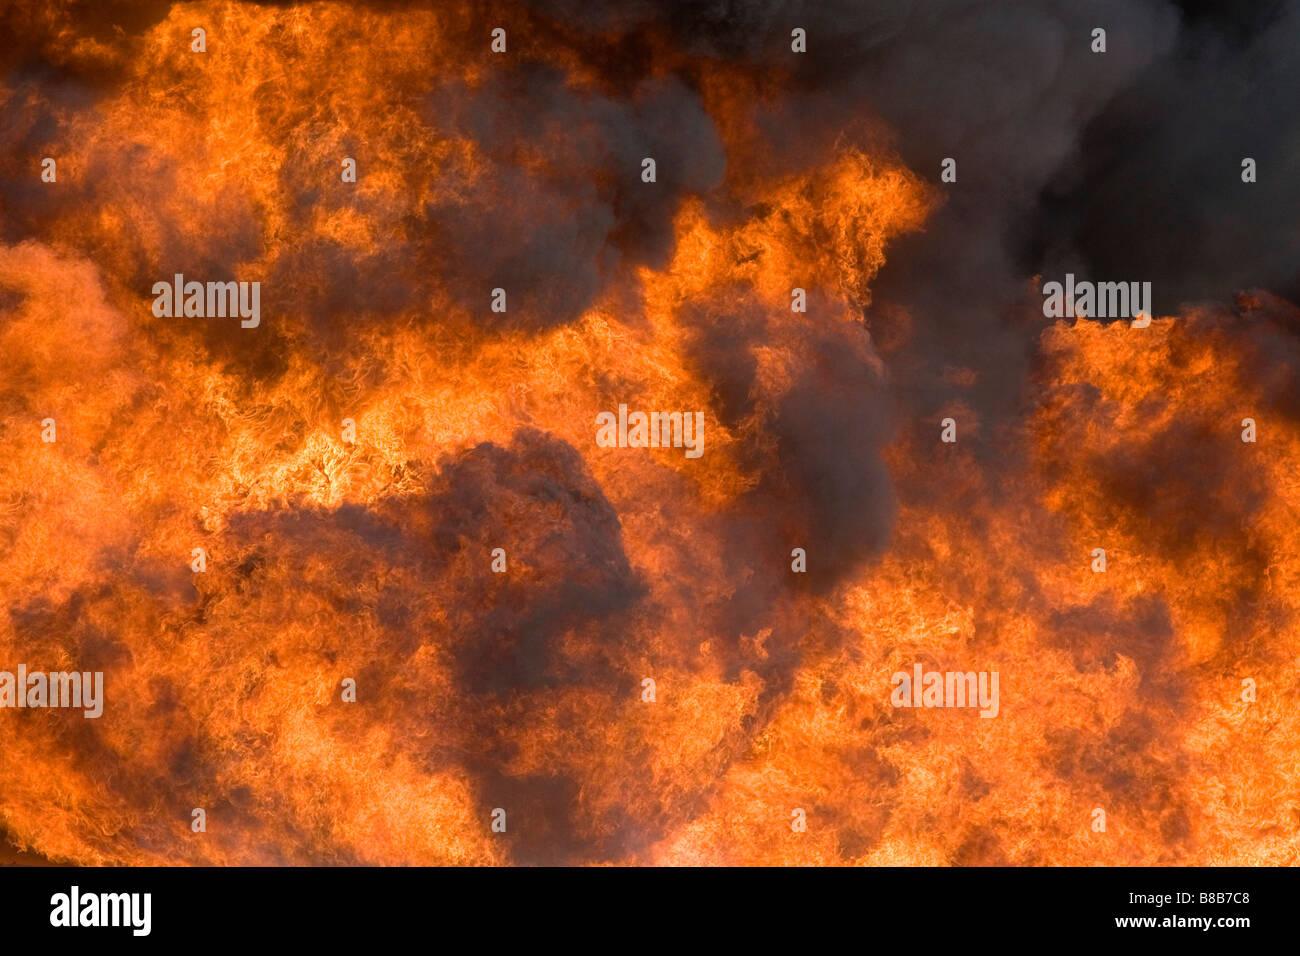 Il combustibile per jet fire in un aeroporto firefigher training facility a Boise Idaho USA Immagini Stock